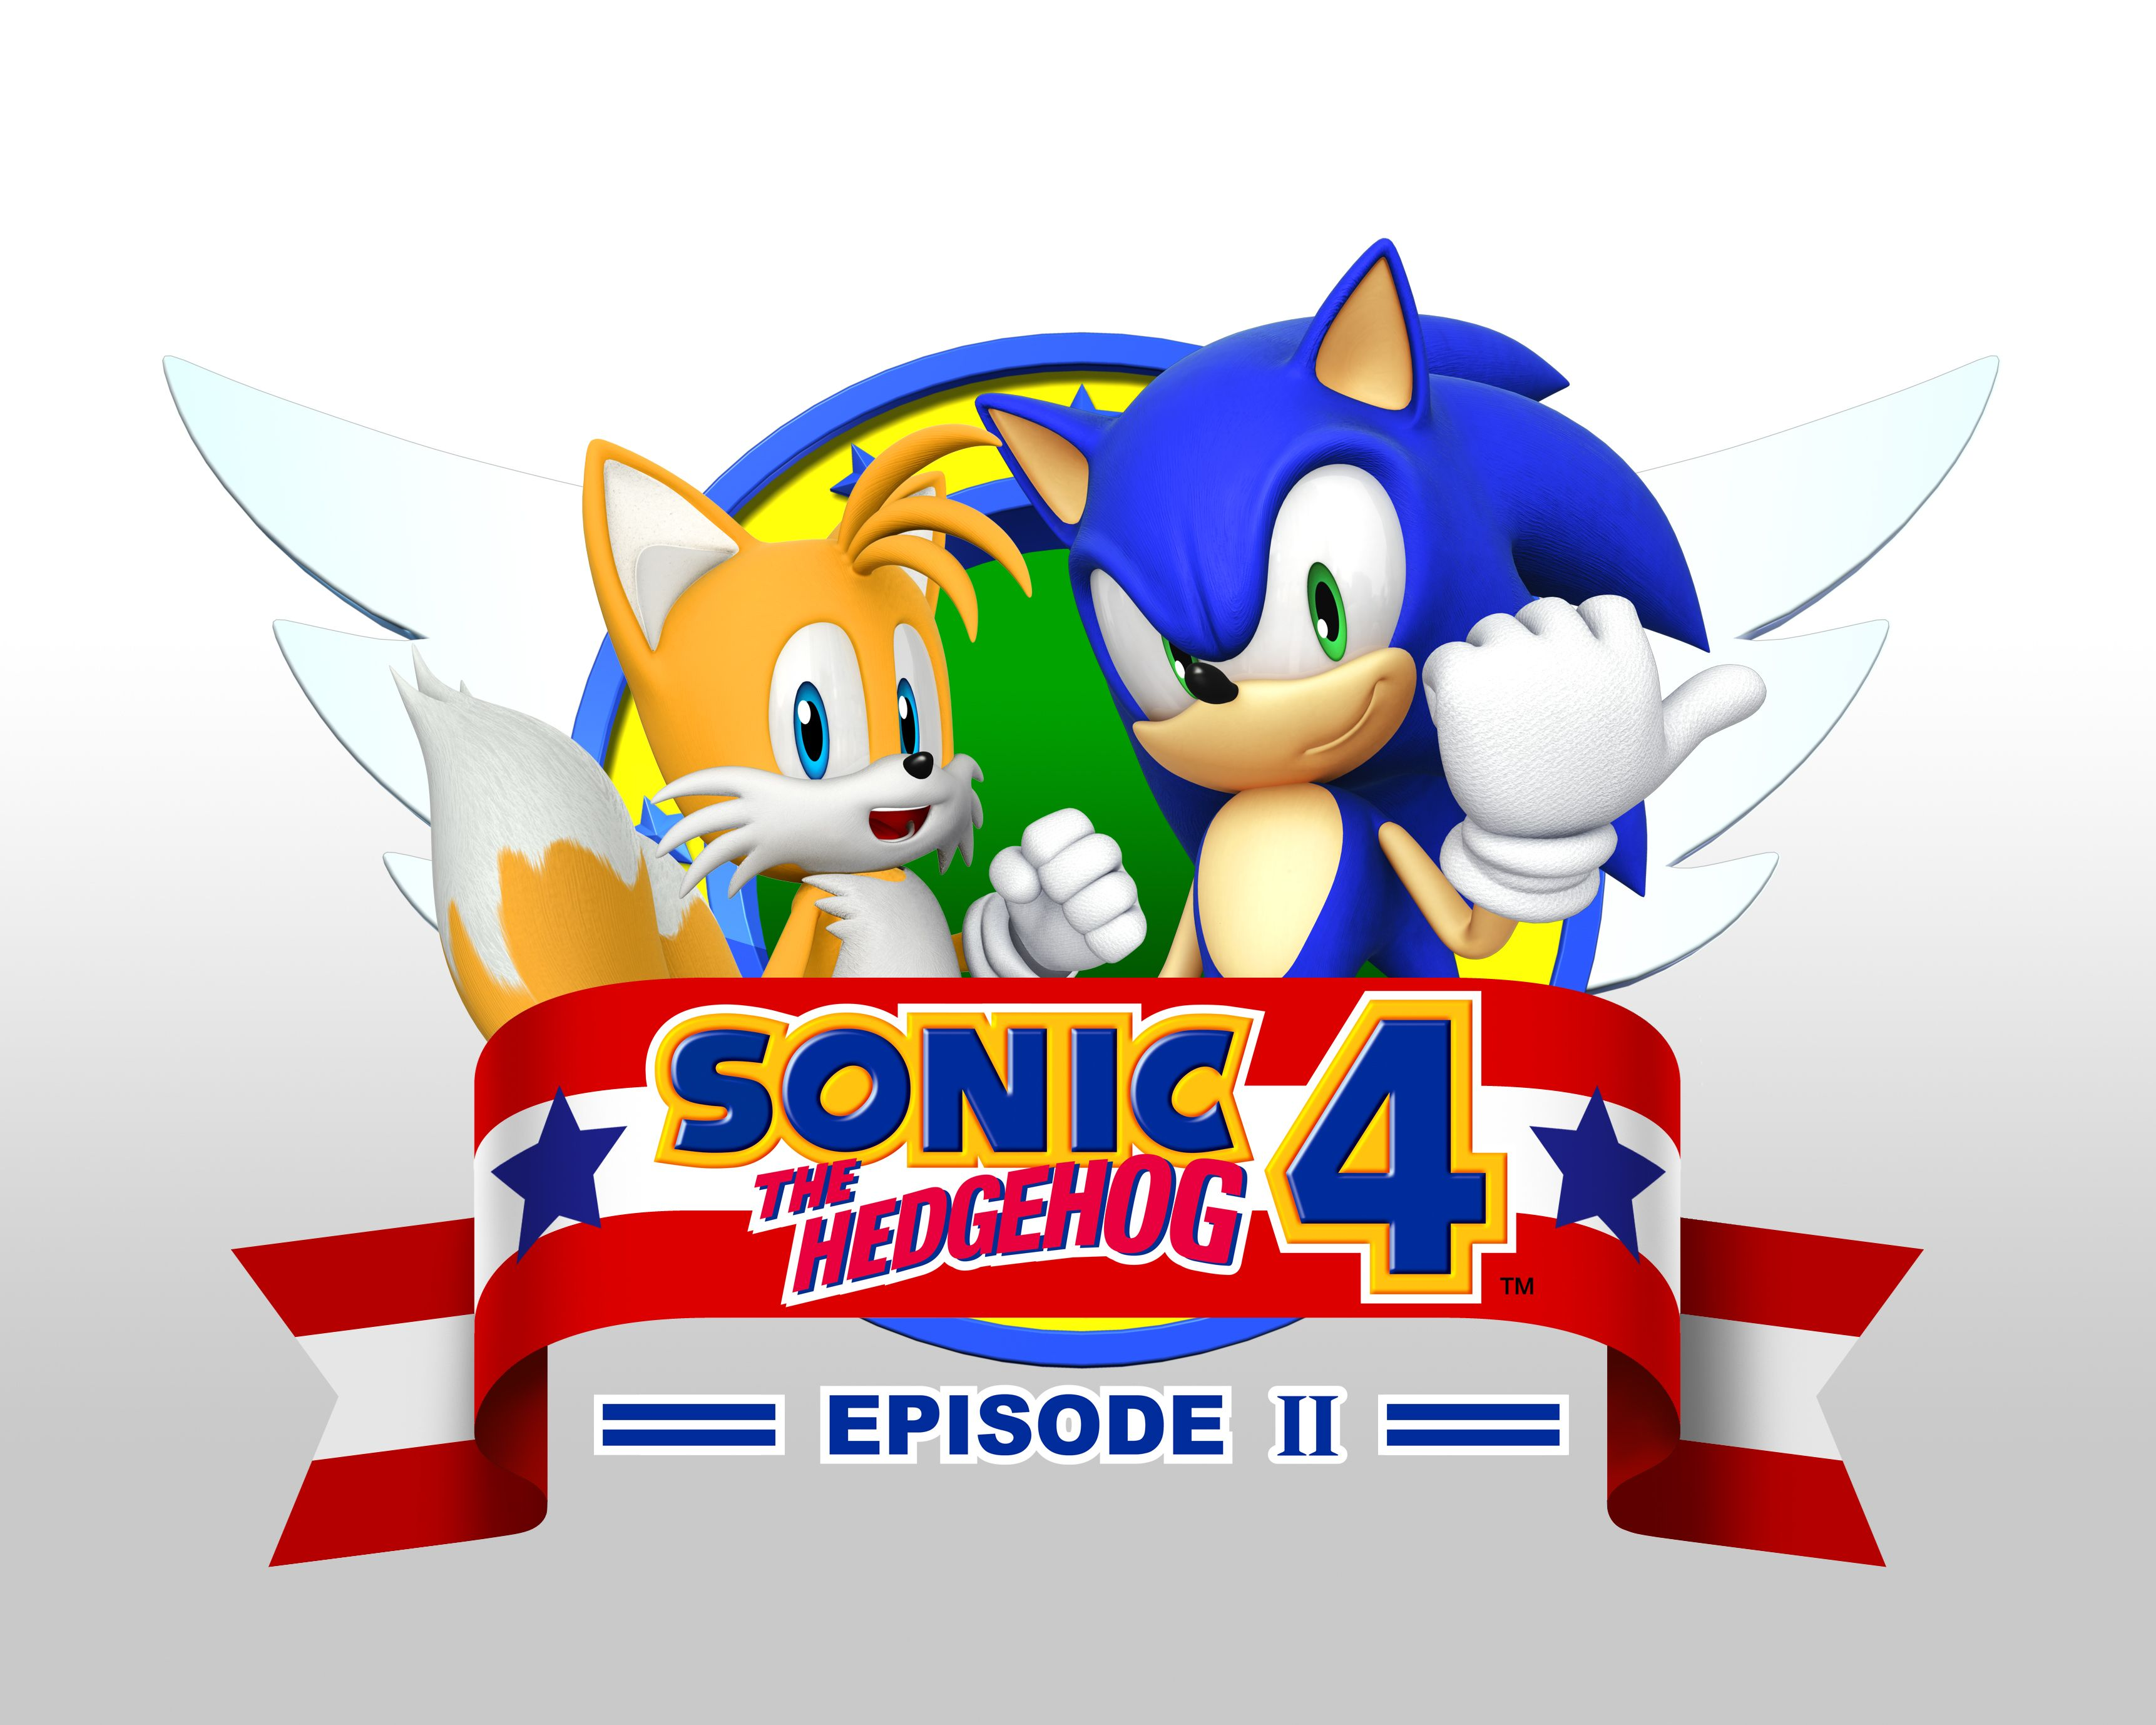 https://i2.wp.com/gematsu.com/wp-content/uploads/2012/01/Sonic-4-Ep-2-Logo.jpg